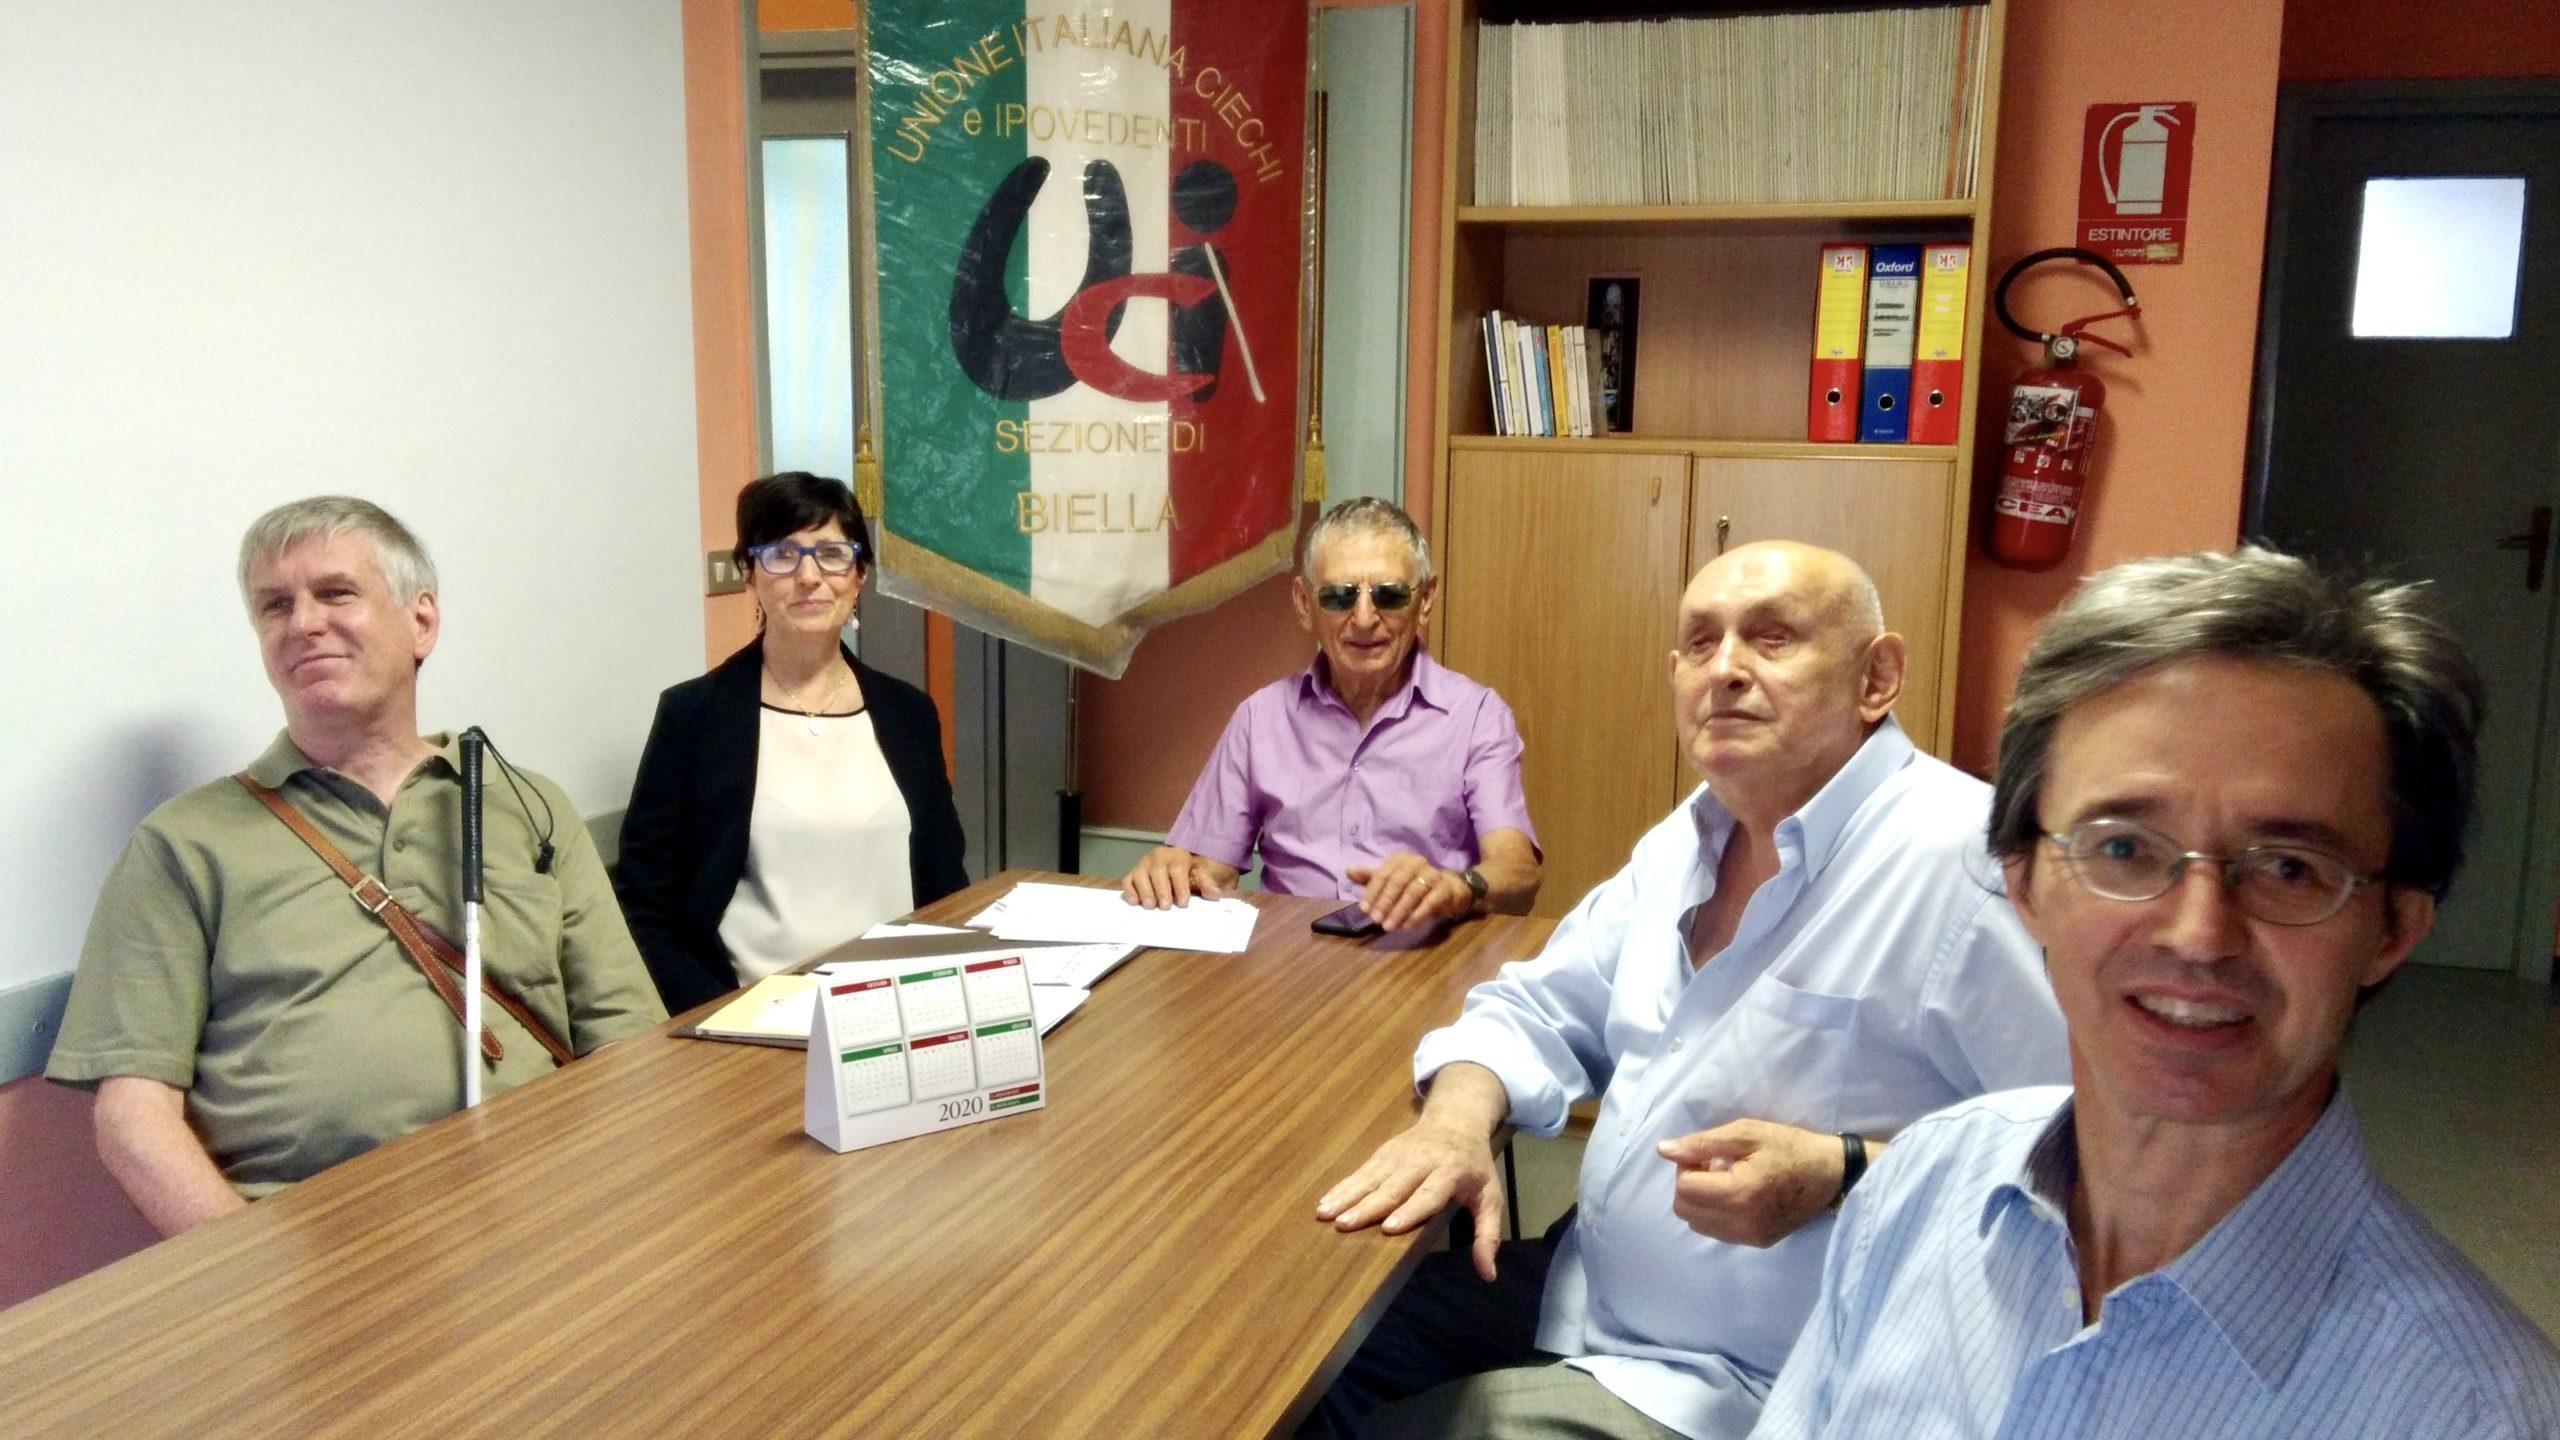 Il nuovo consiglio direttivo della sezione UICI di Biella